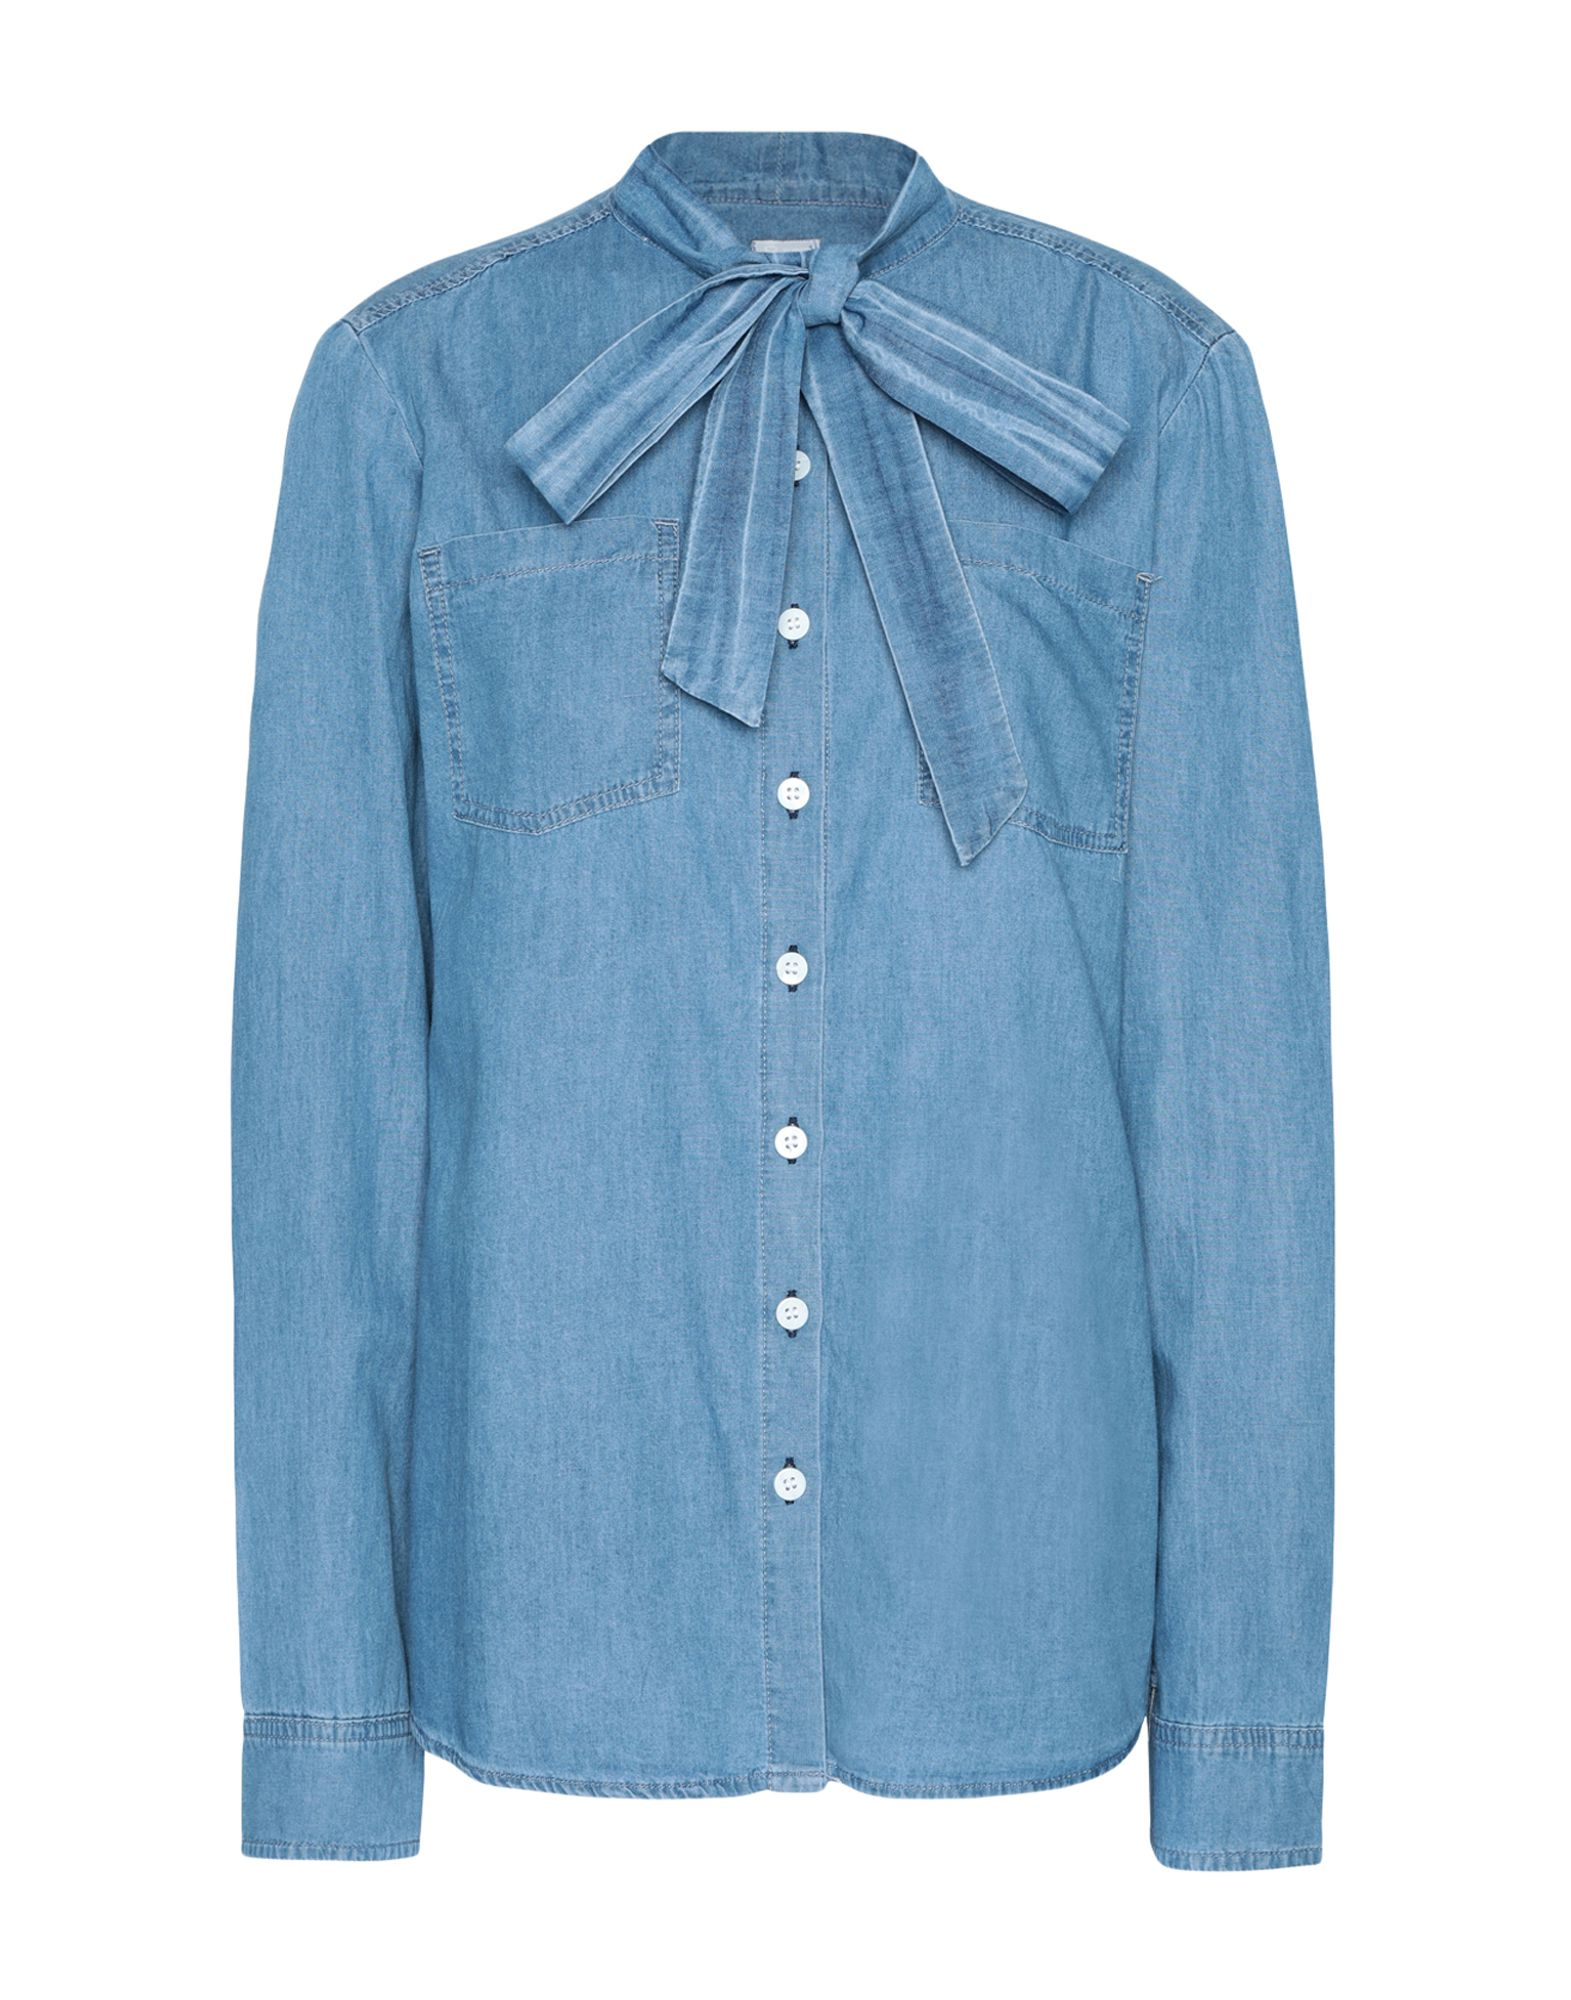 8 by YOOX Джинсовая рубашка fu shen virtue основной цвет тяжелой воды мыть чистого хлопка тонкая джинсовая рубашка мужской ycf71013 синий 42 175 100